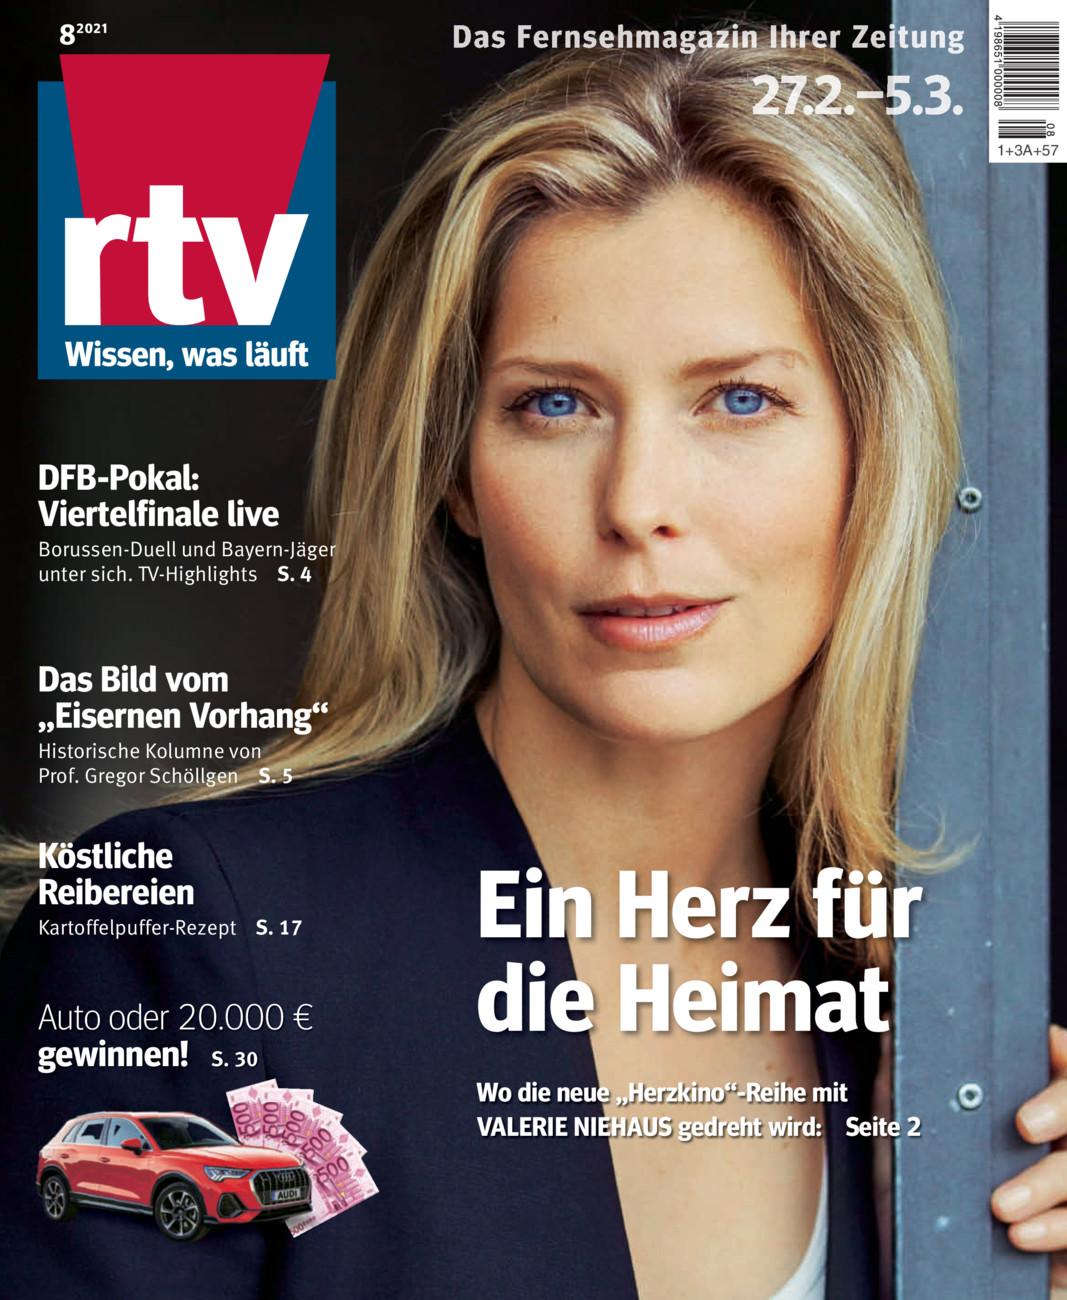 RTV Magazin vom Freitag, 21.02.2020